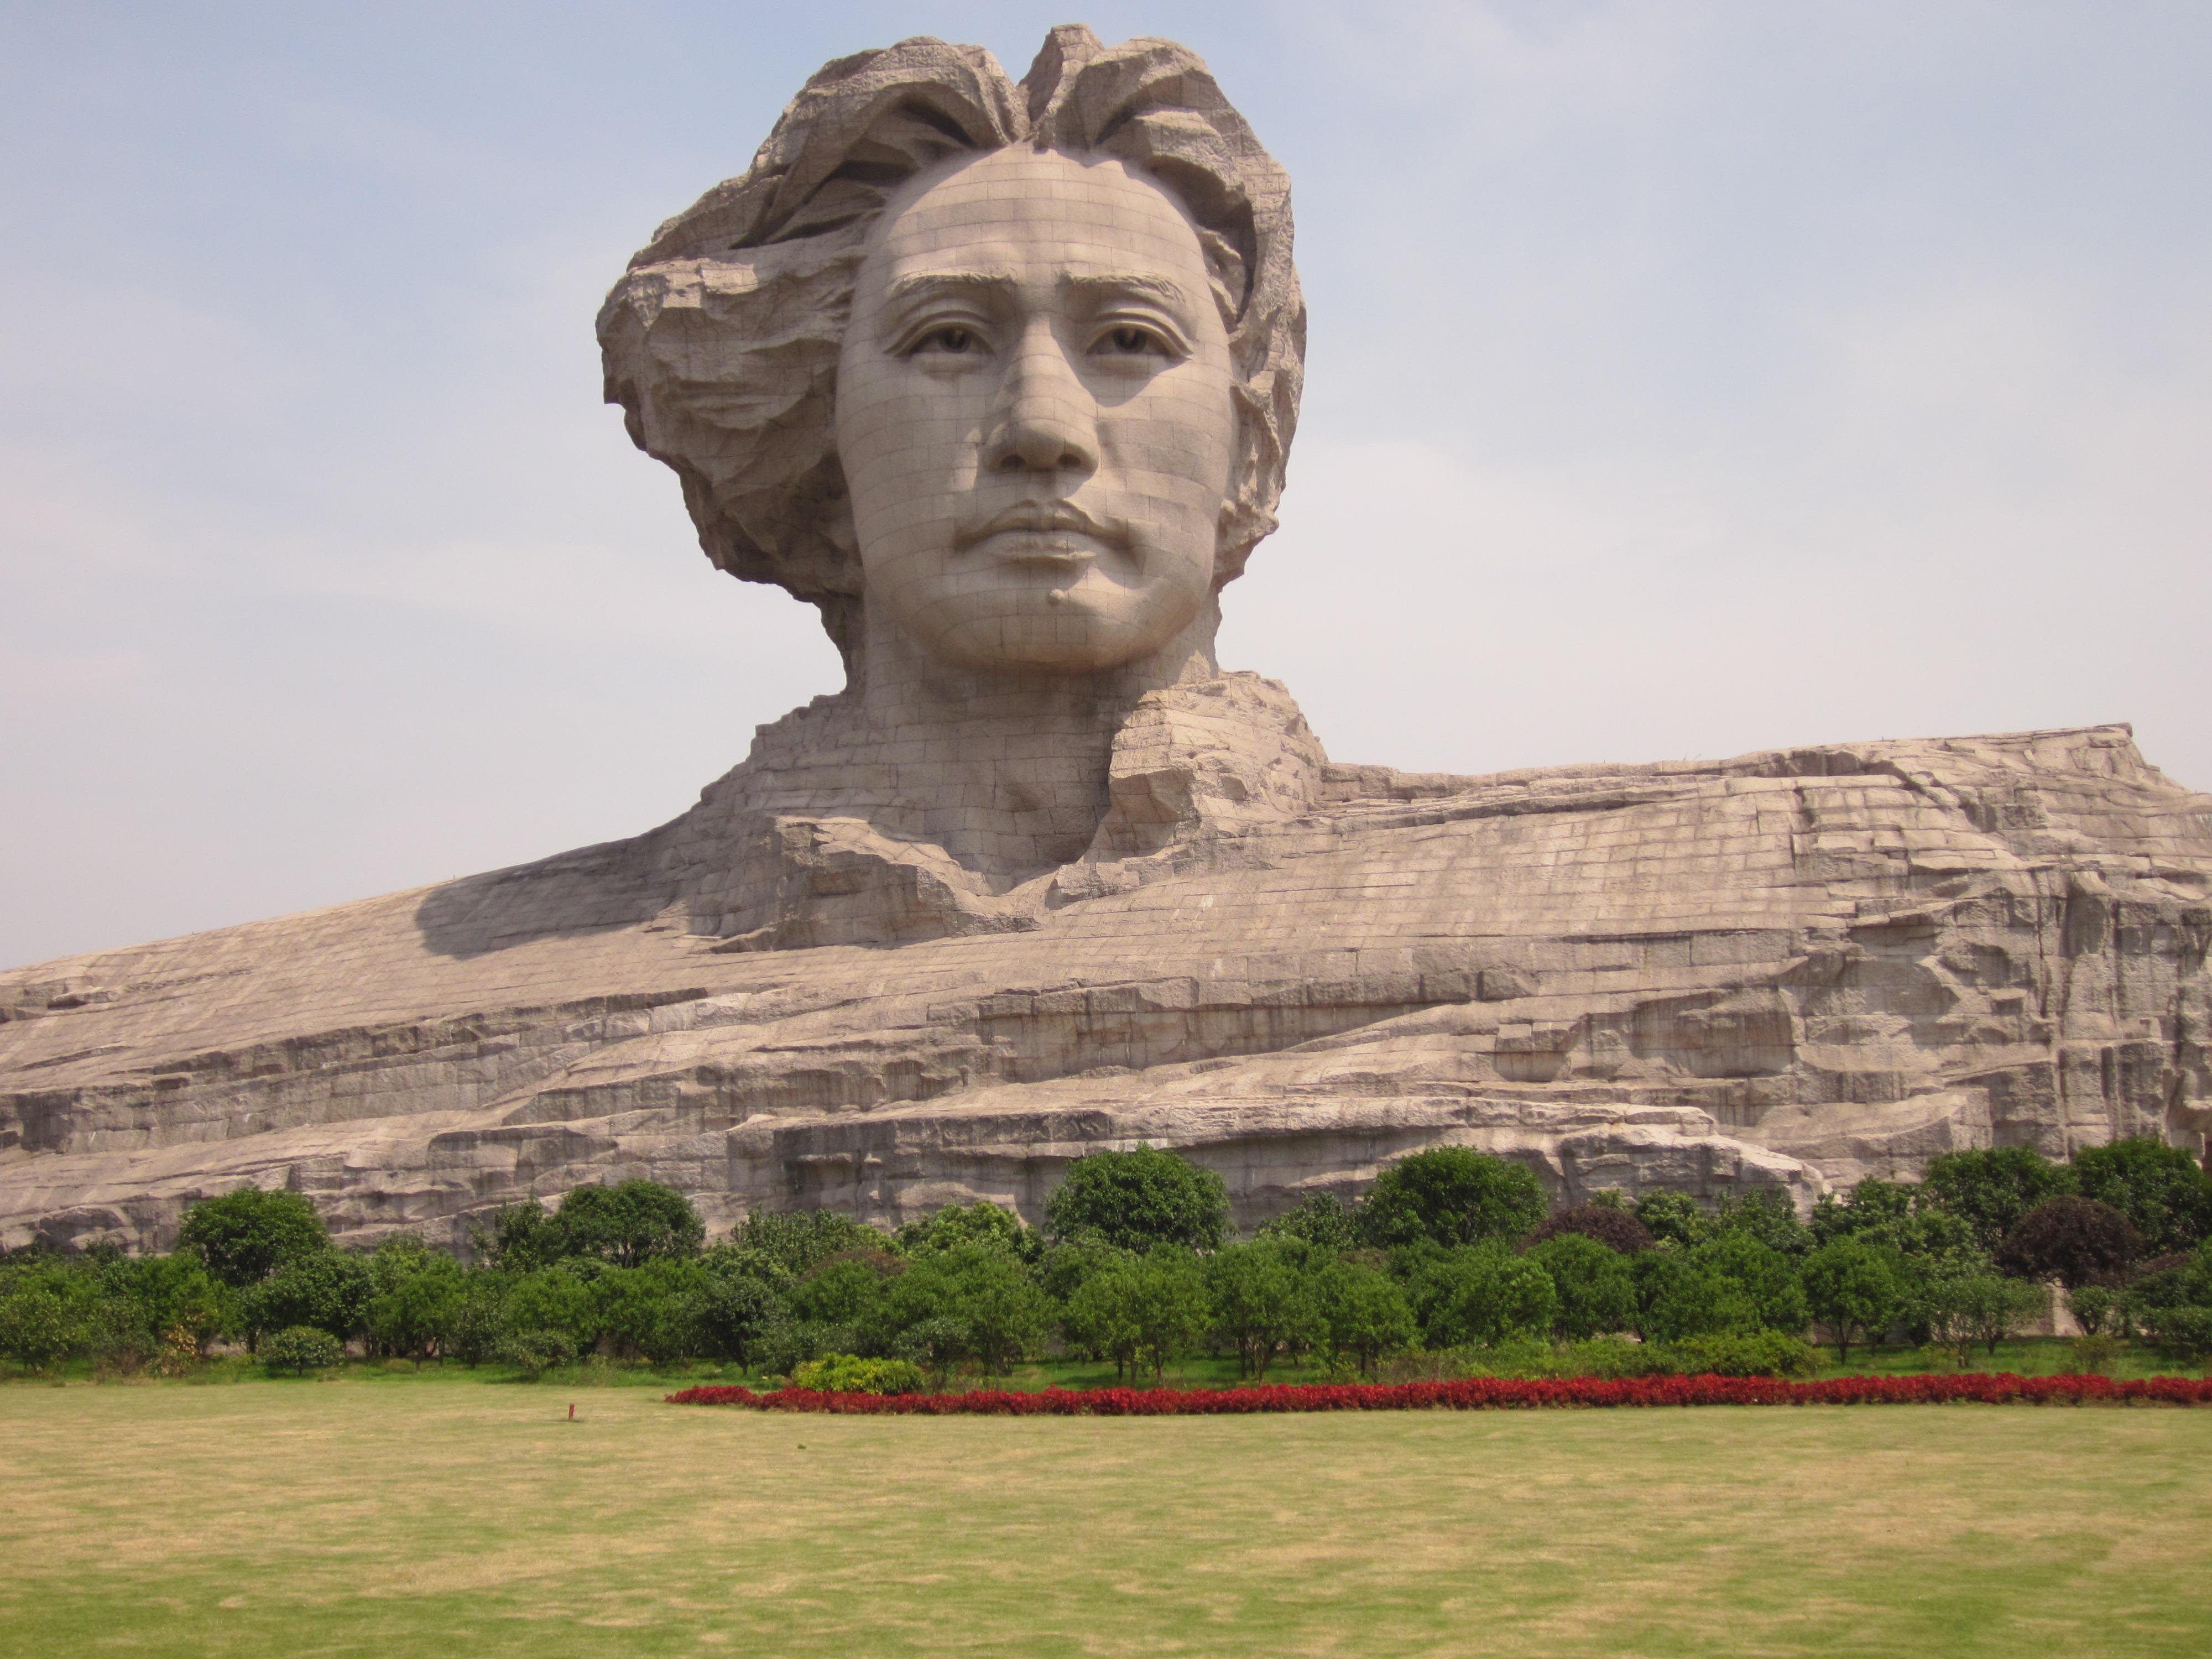 Mao_Zedong_youth_art_sculpture_6